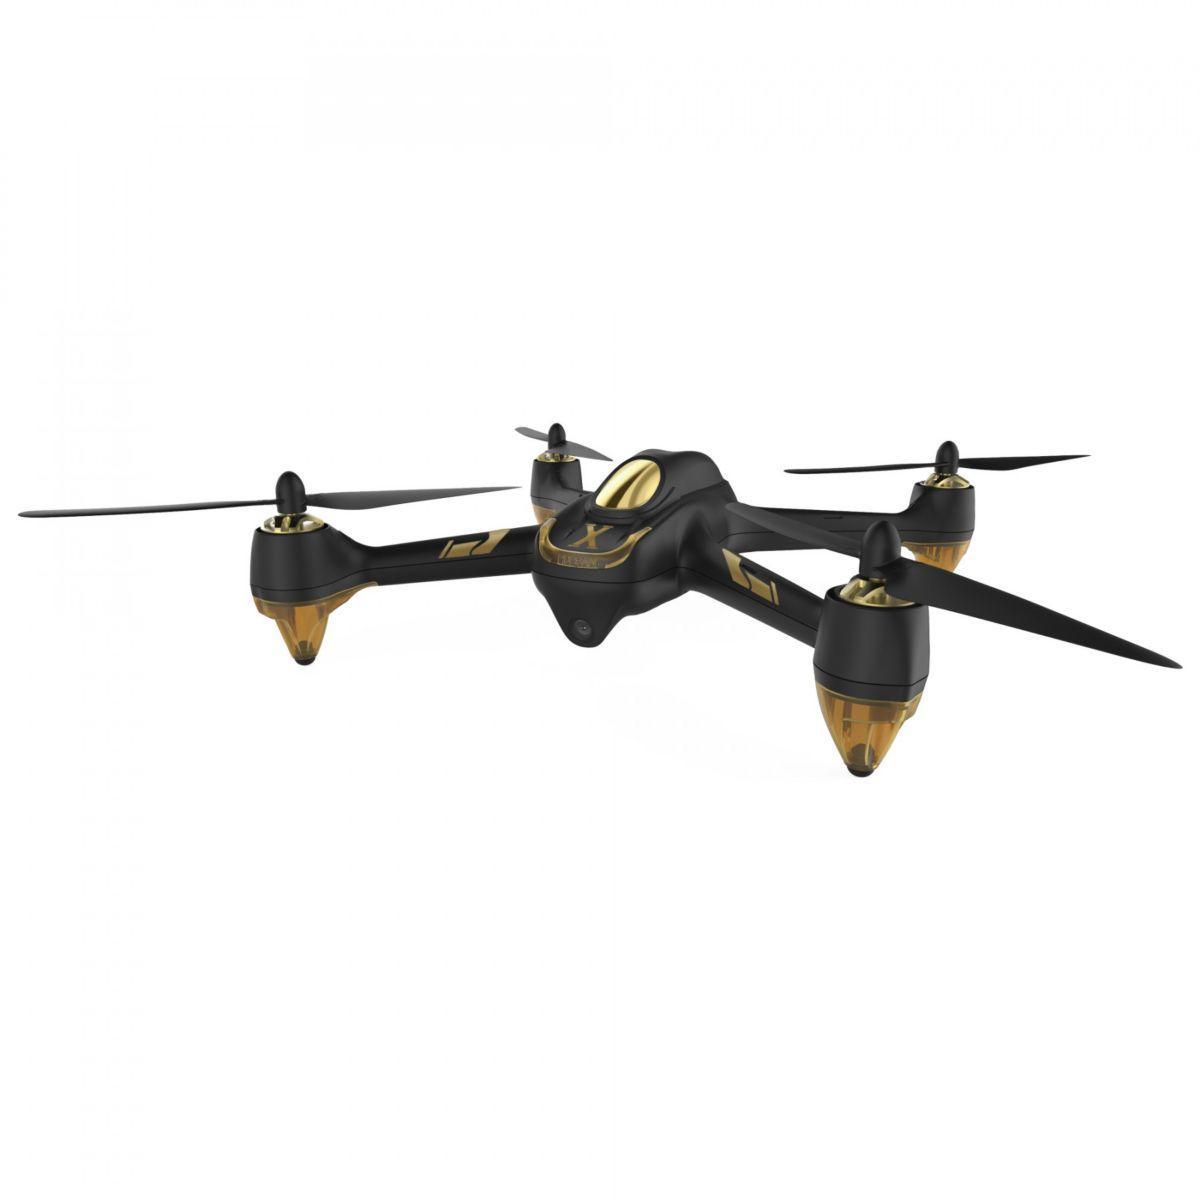 Drones hubsan h501a wifi x4 air pro - livraison offerte avec le code nouveaute (photo)